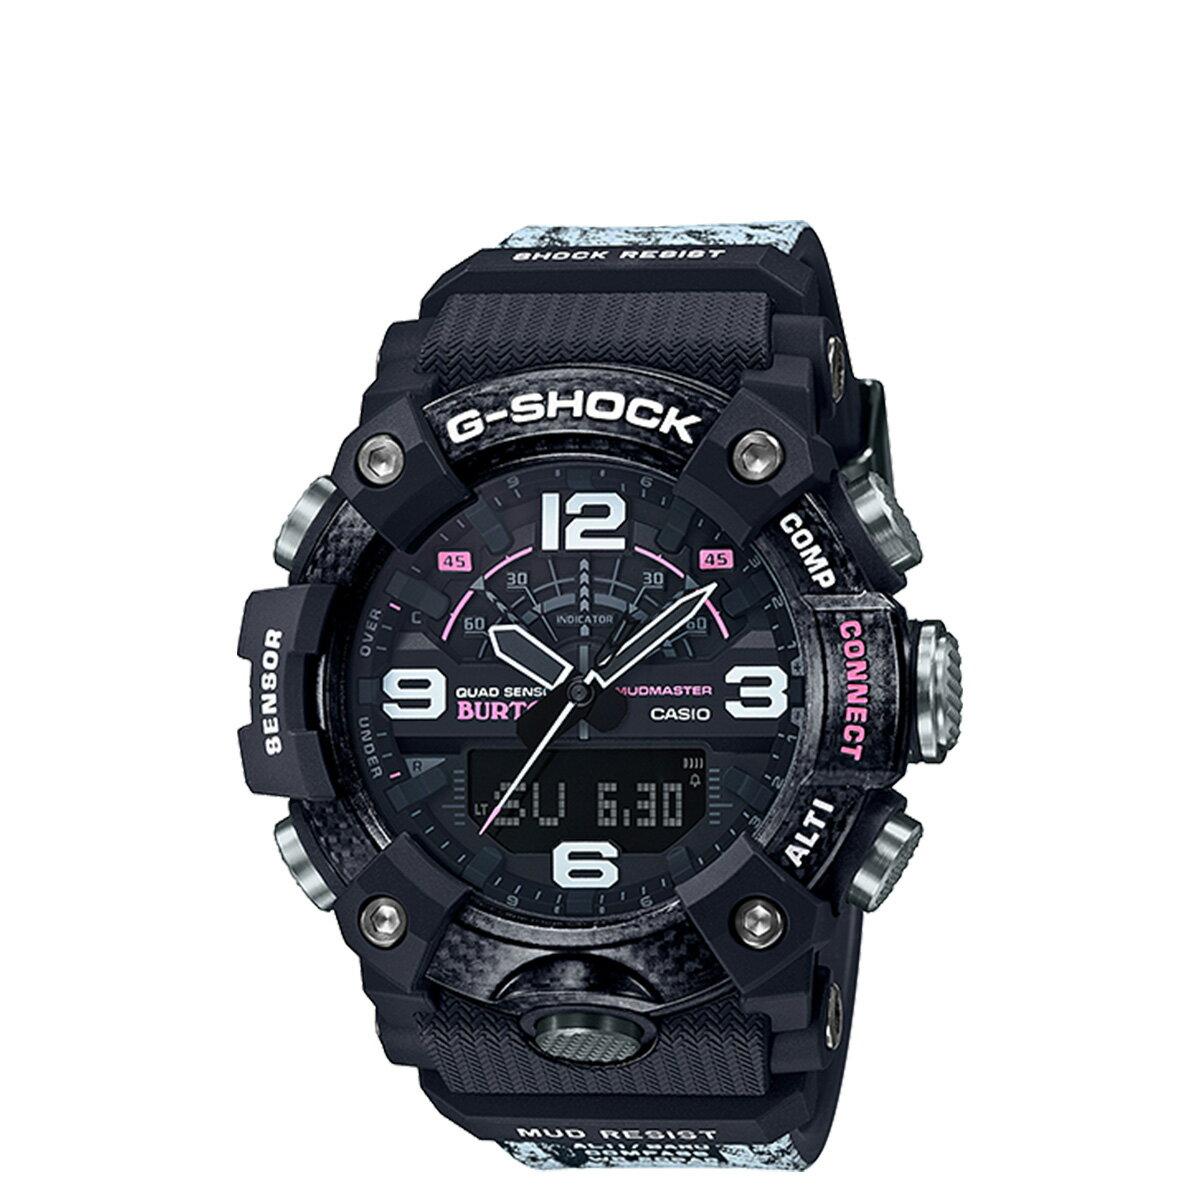 腕時計, 男女兼用腕時計 CASIO G-SHOCK BURTON GG-B100BTN-1AJR